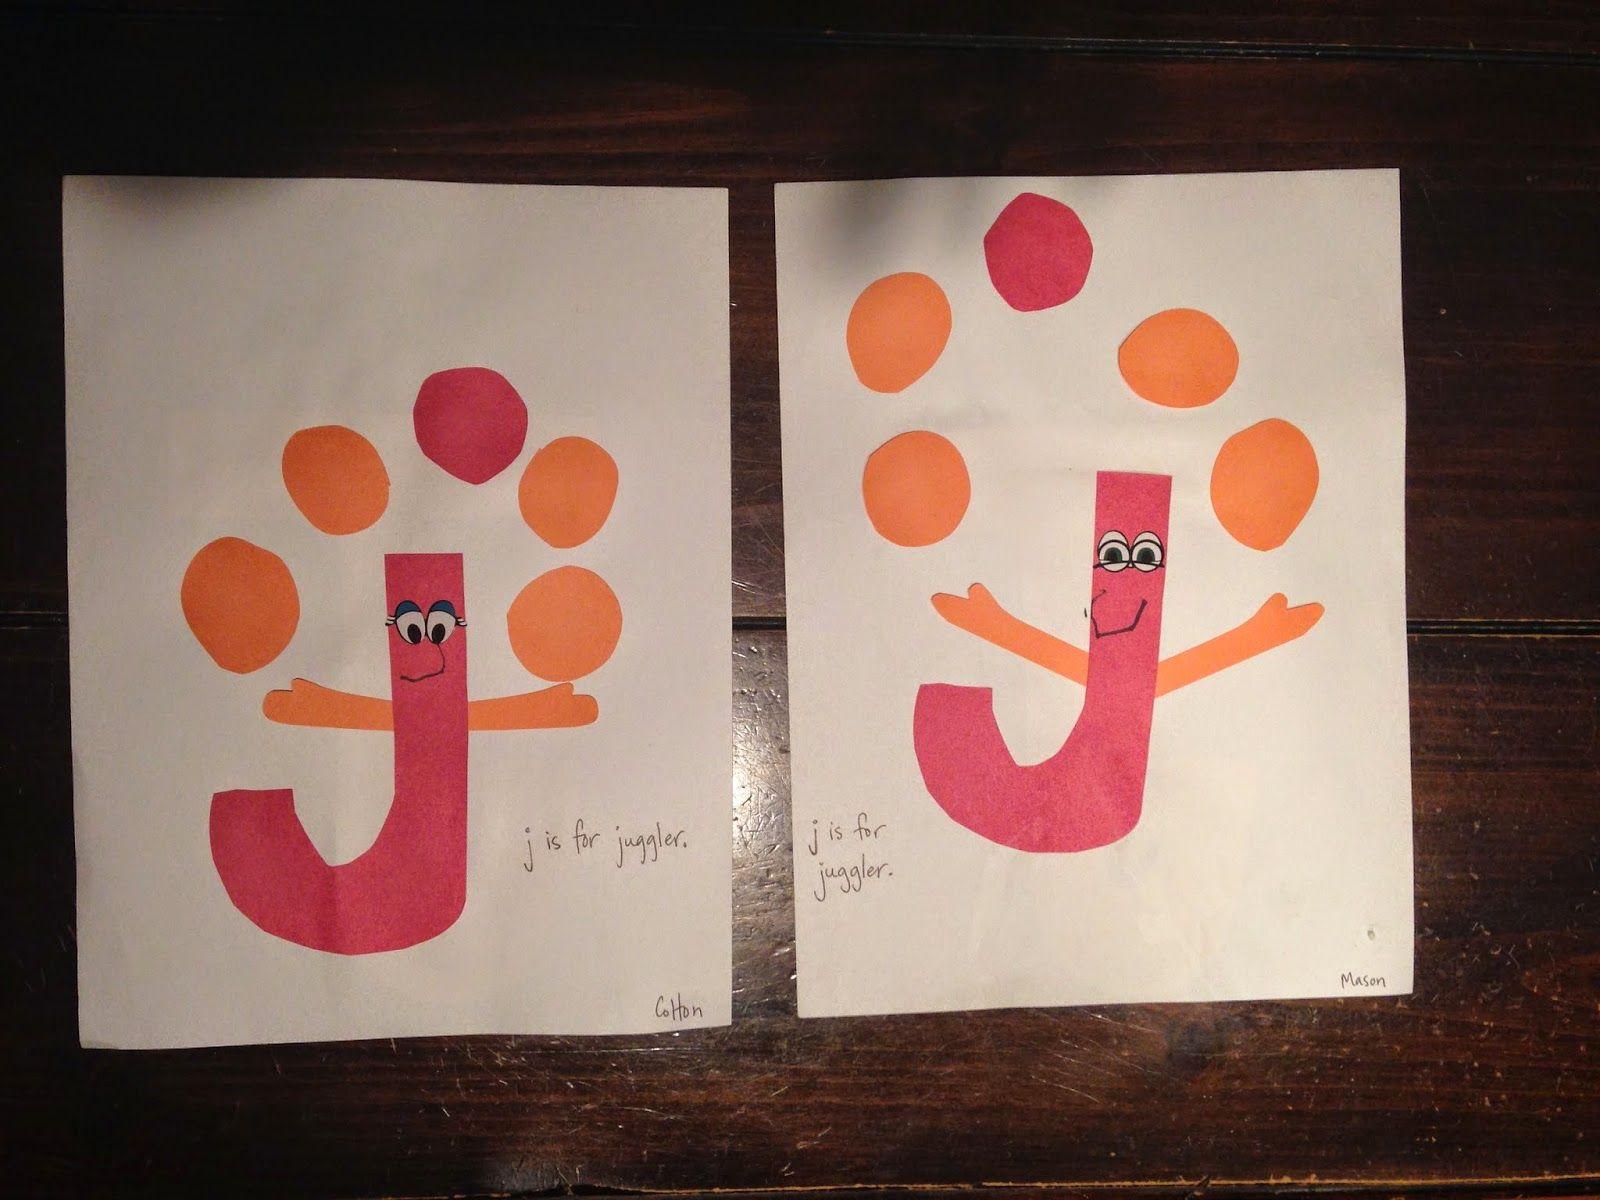 J Is For Juggler